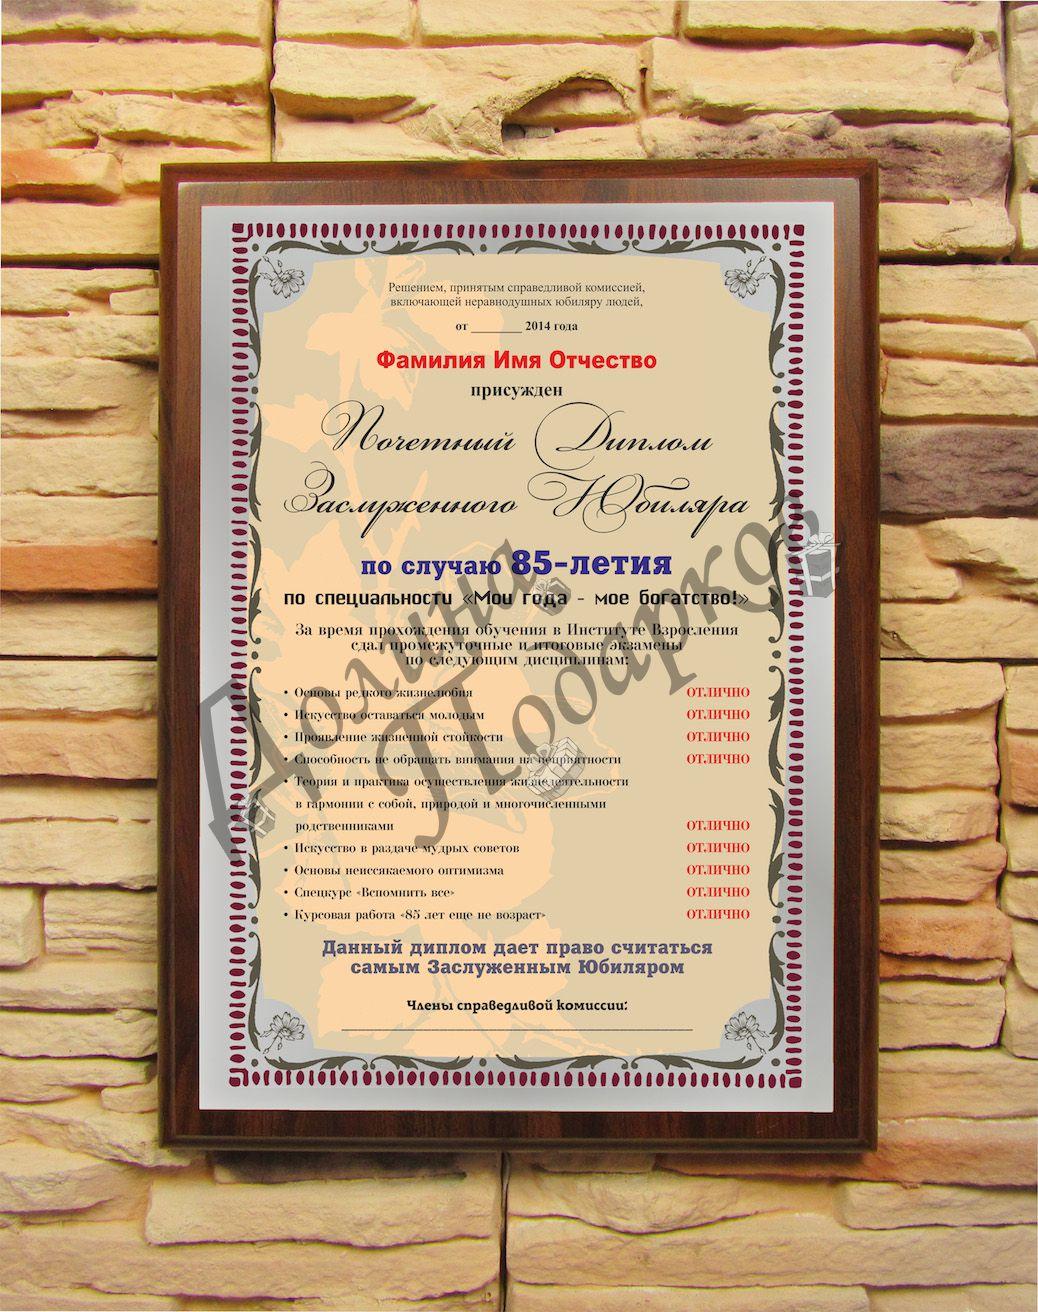 Подарочный диплом (плакетка) *Почетный диплом заслуженного юбиляра на 85-летие*